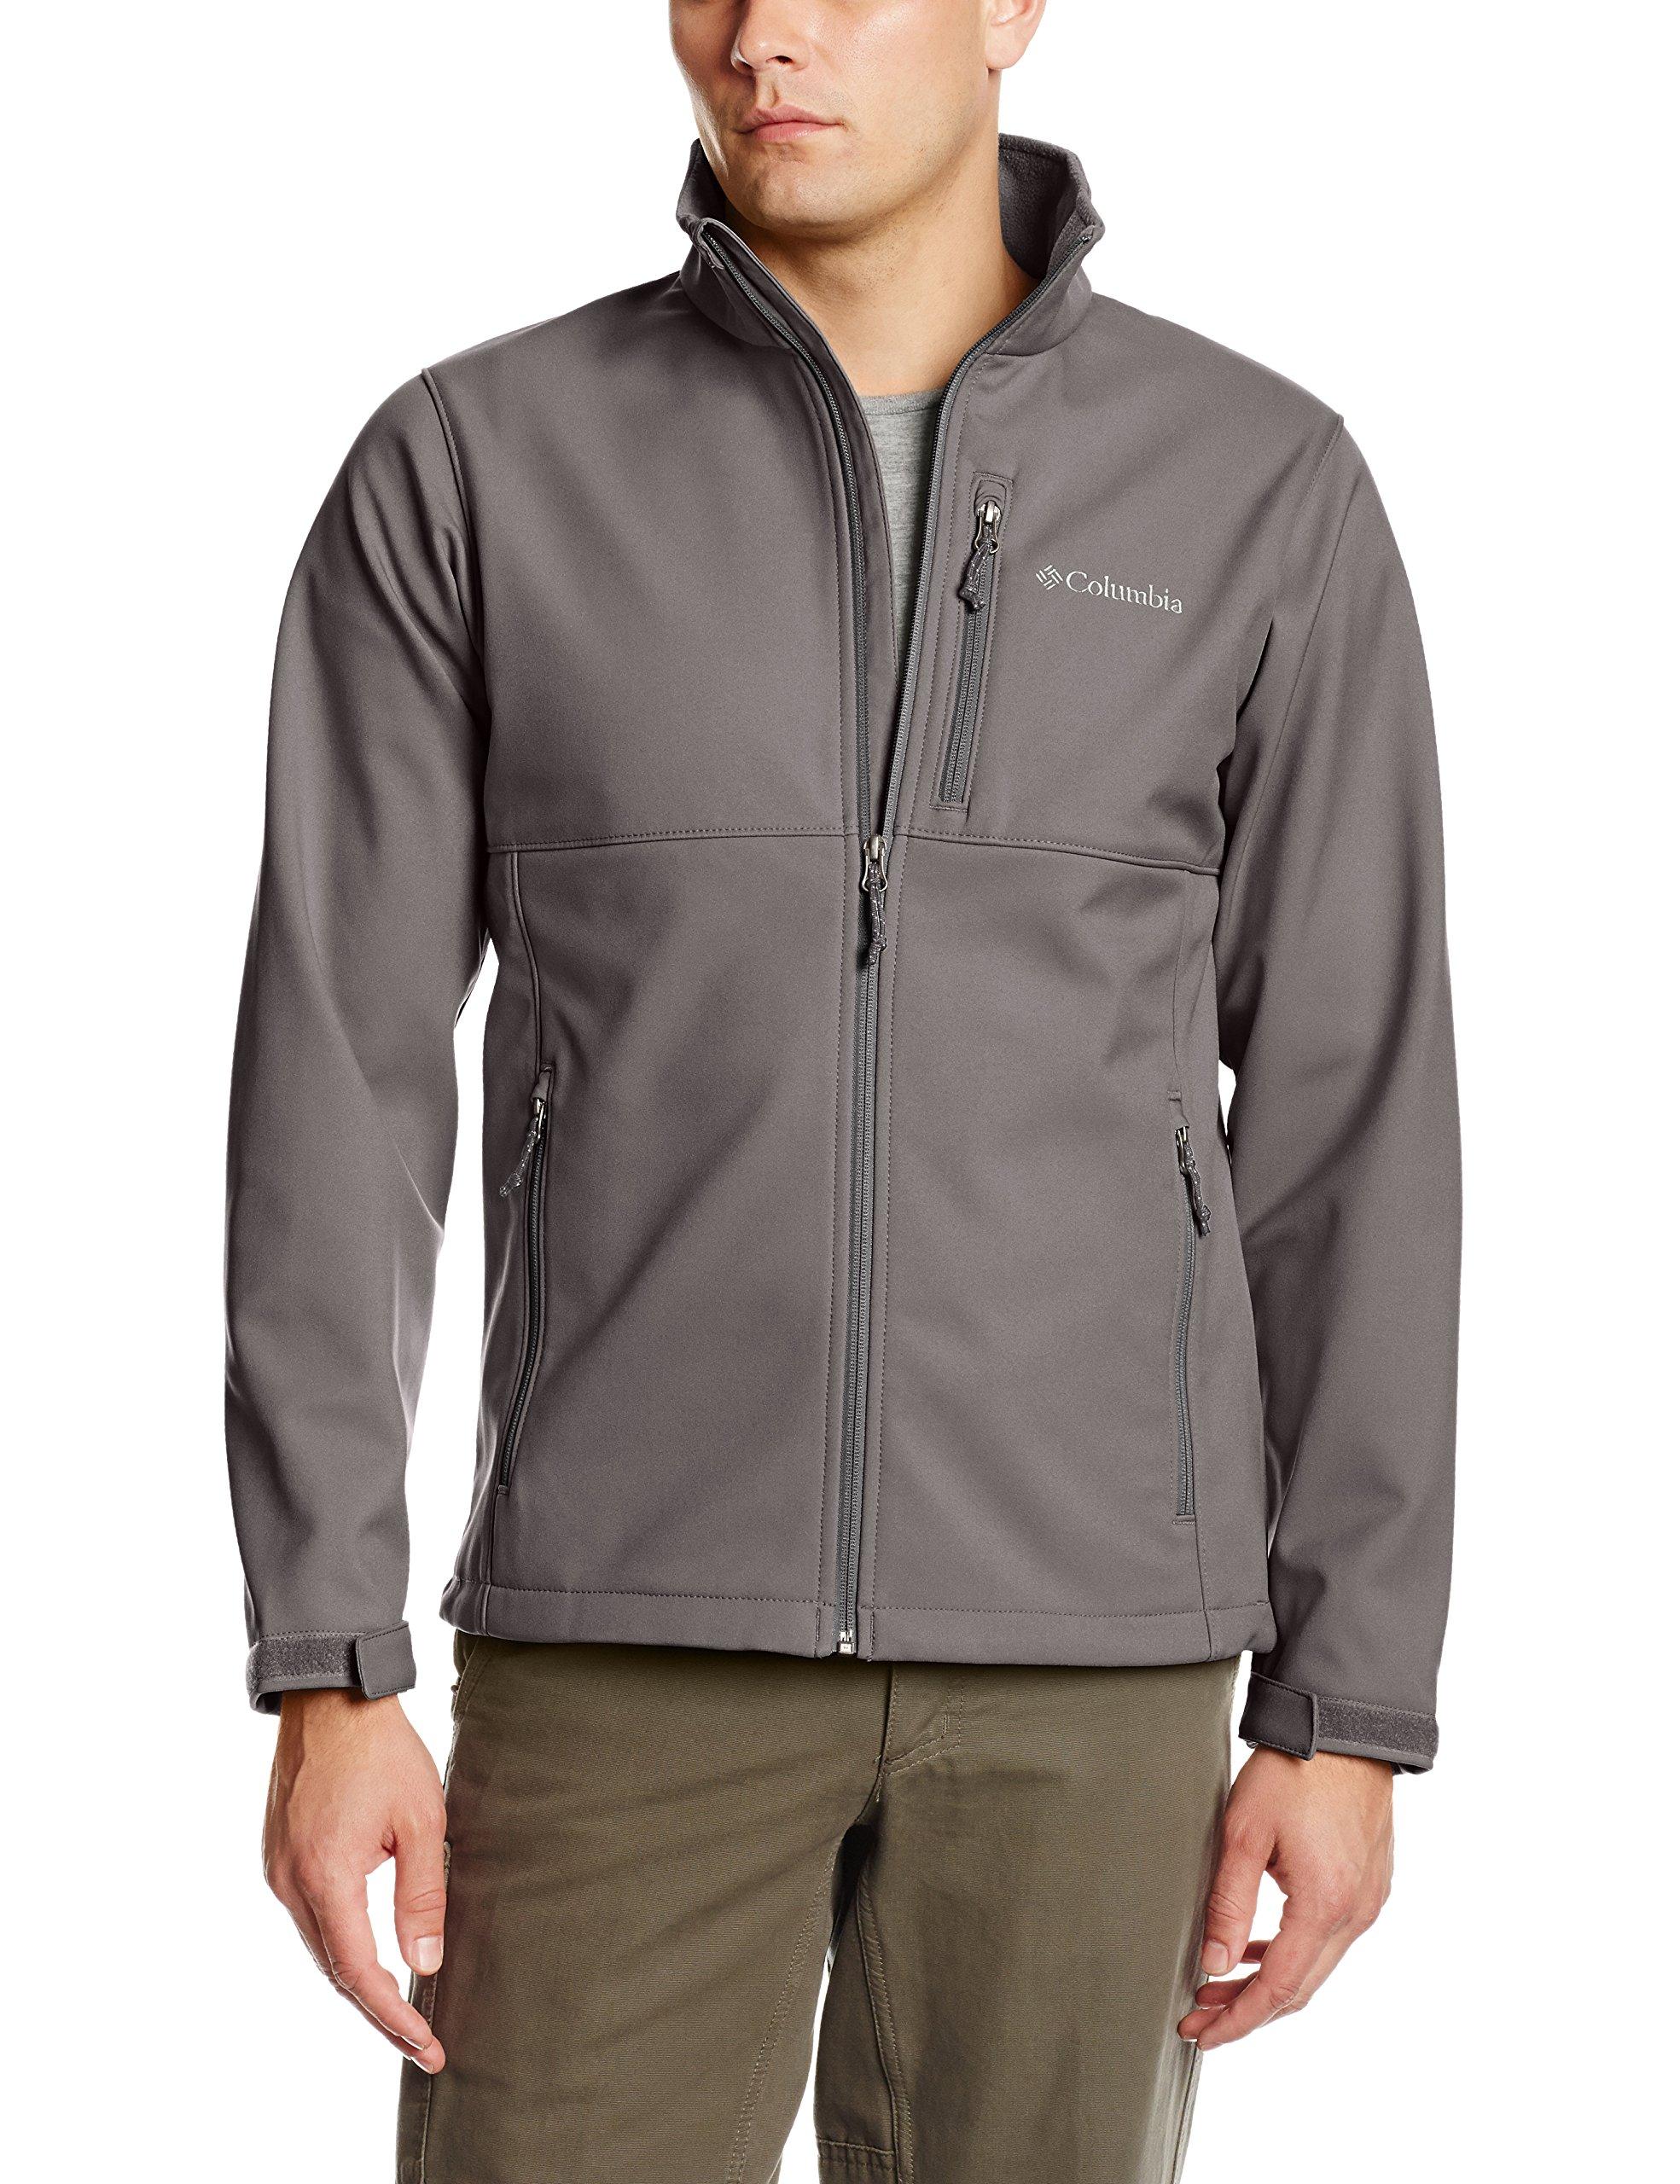 Columbia Men's Ascender Softshell Jacket, Boulder, Large